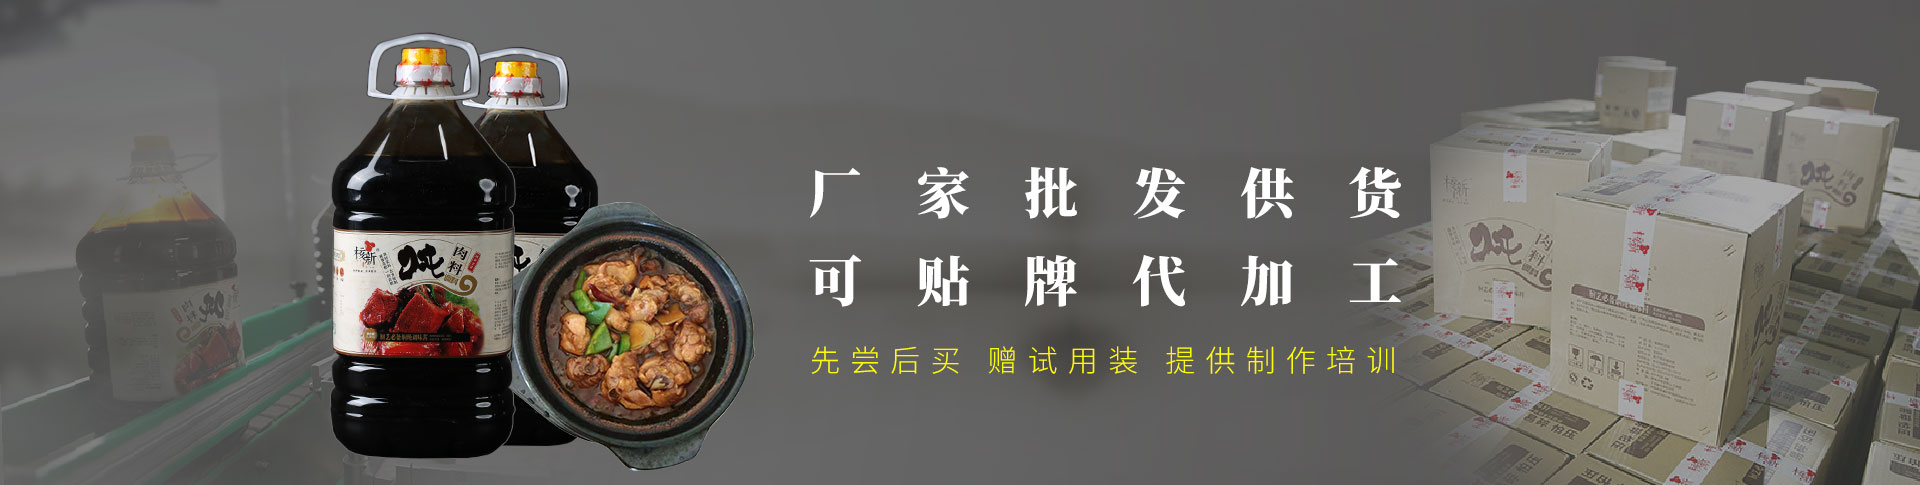 漯河黄焖鸡酱料